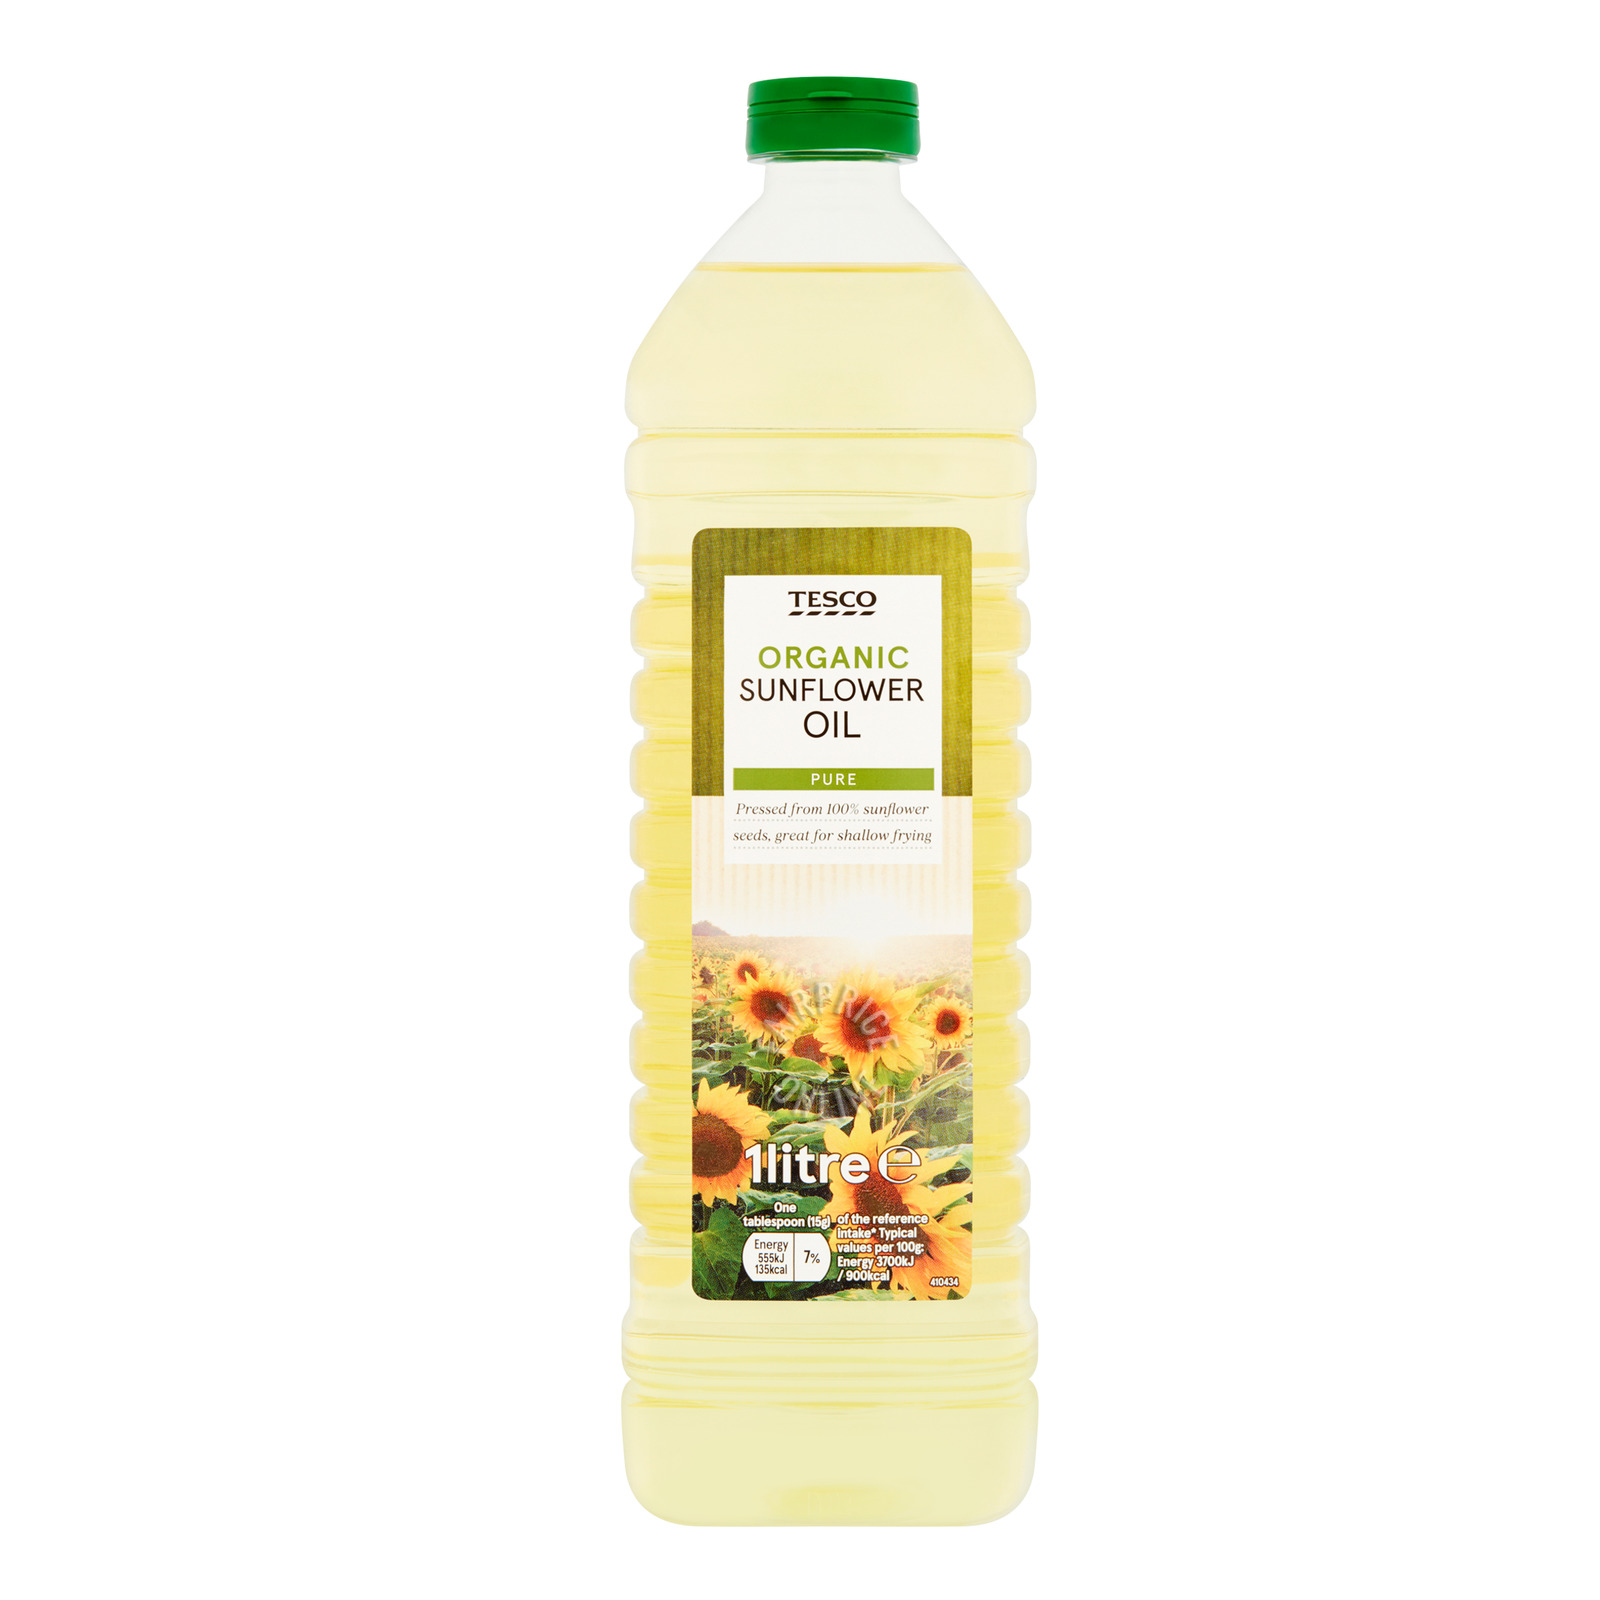 Tesco Organic Sunflower Oil